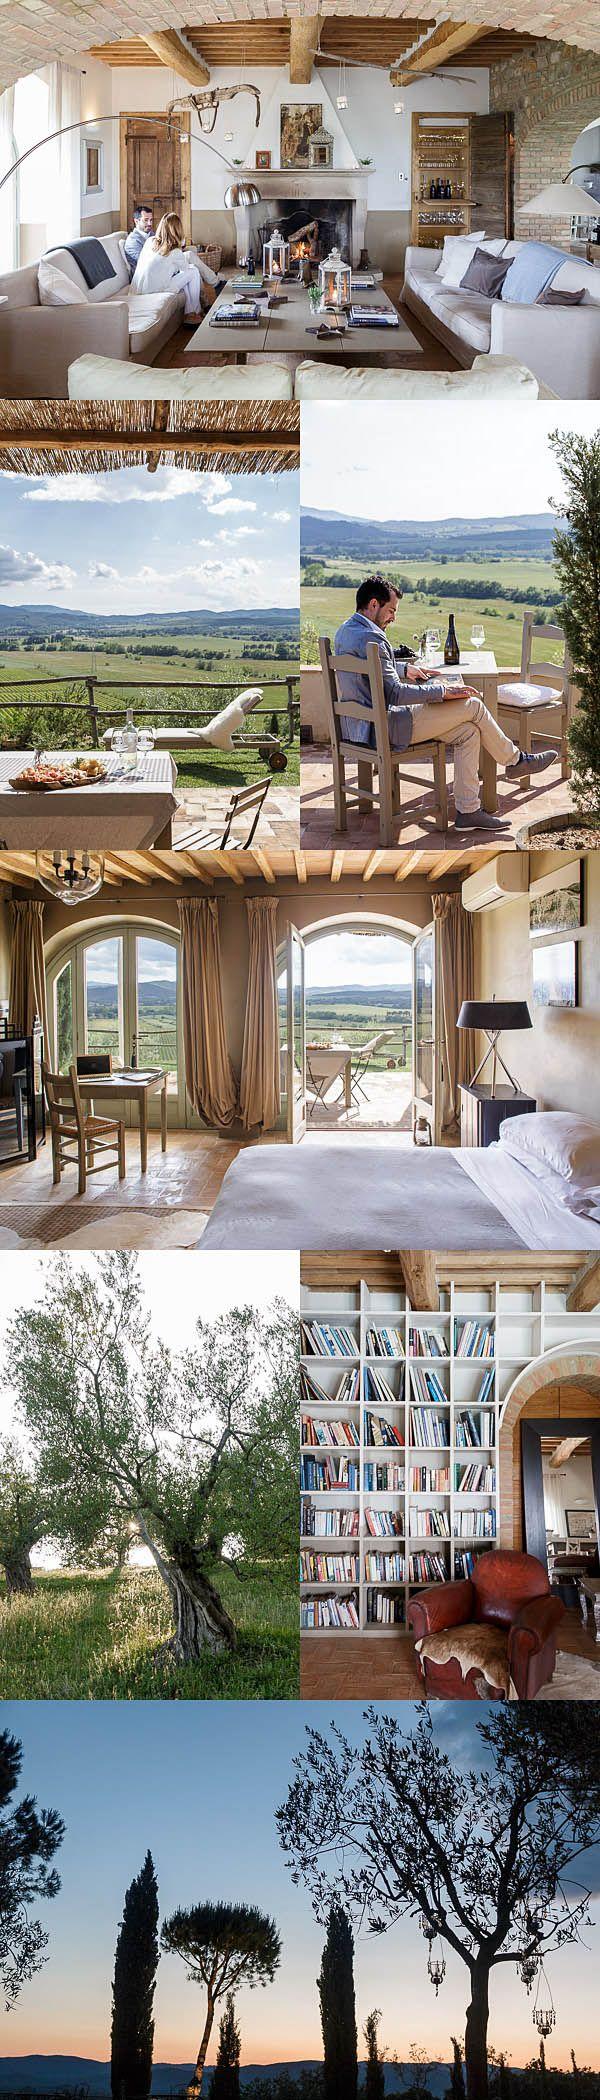 Hotel Photography at Luxury Wine Estate, Conti Di San Bonifacio in The Maremma